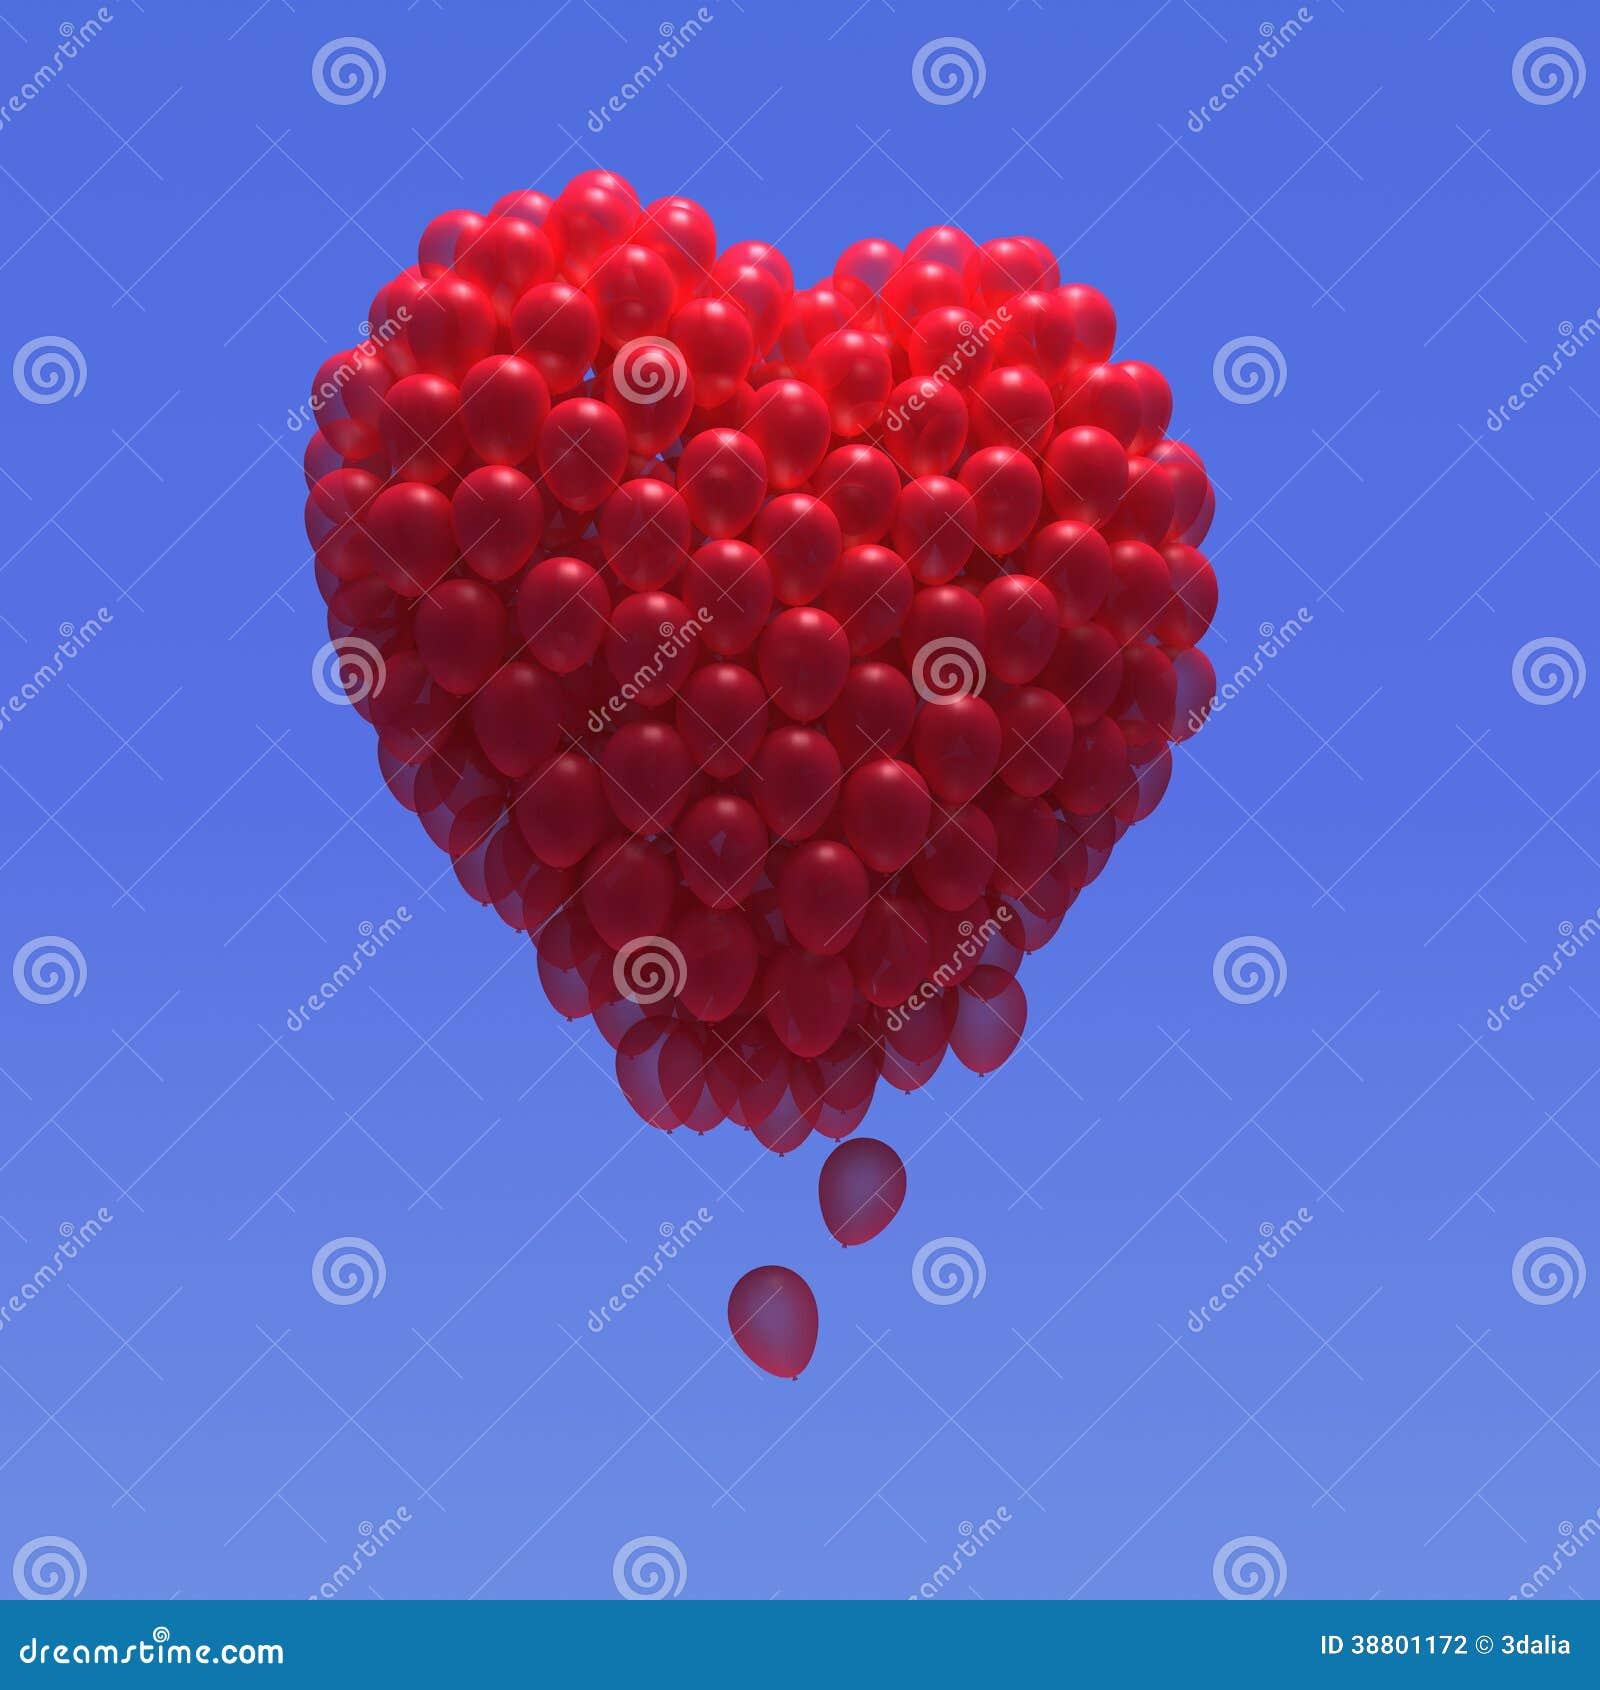 3d Balloon heart